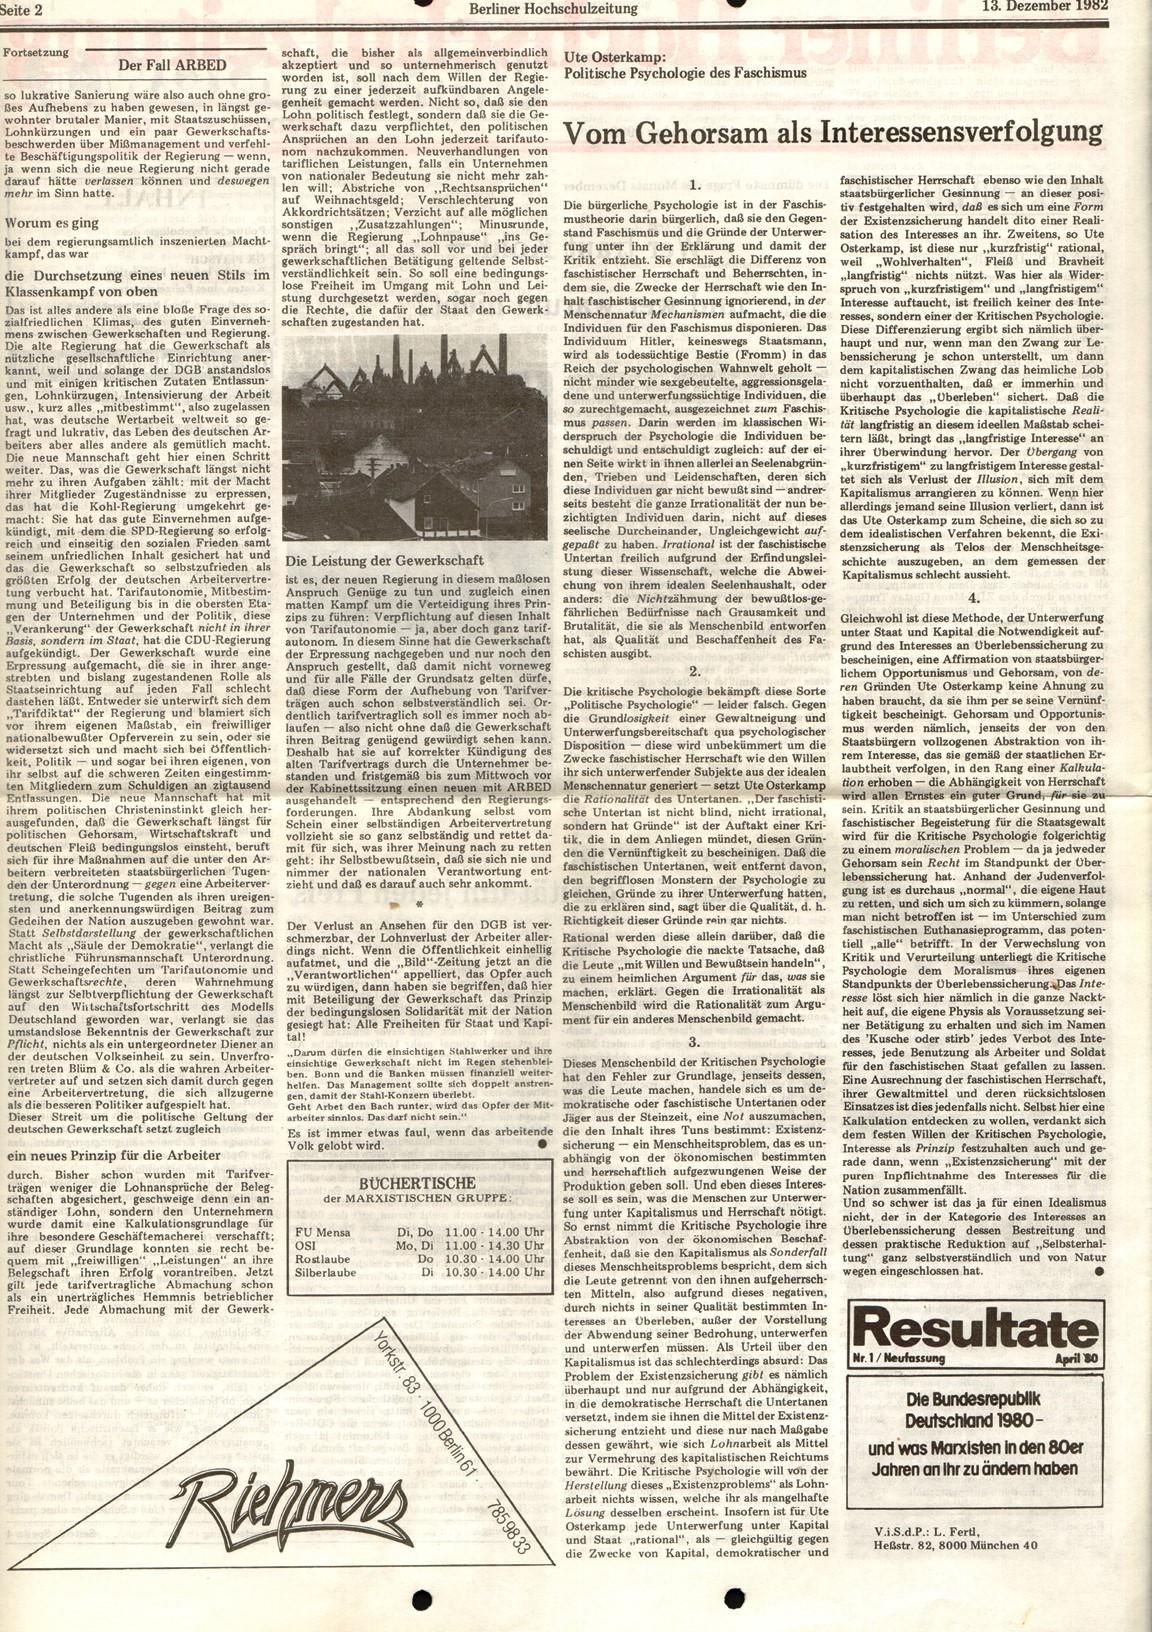 Berlin_MG_Hochschulzeitung_19821213_02